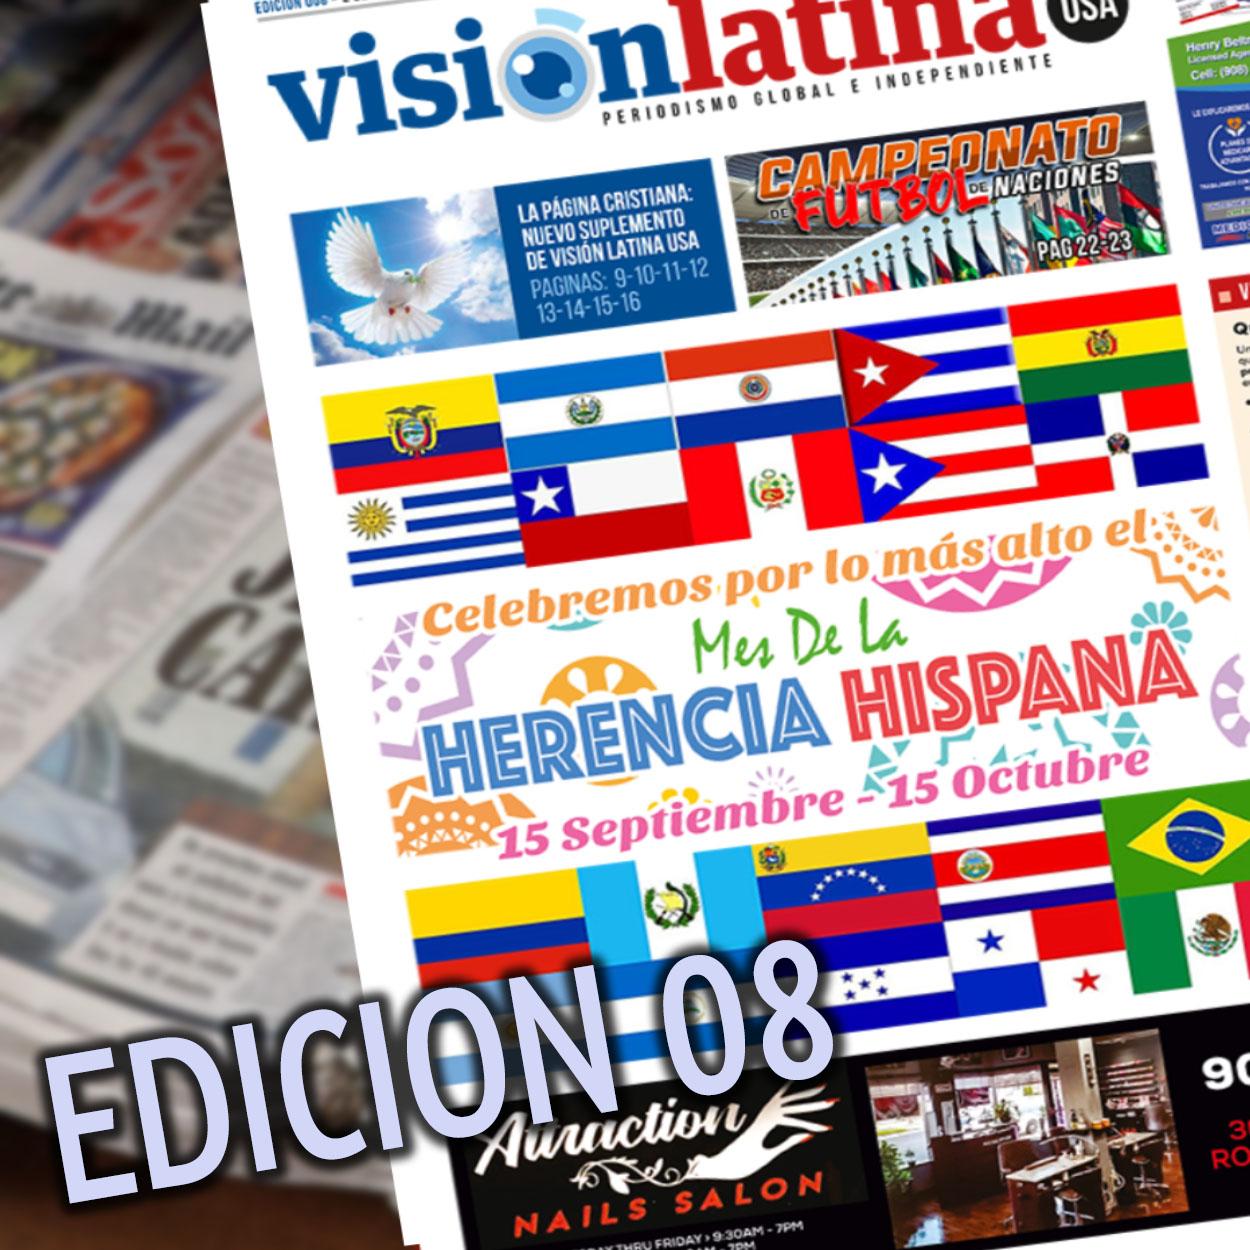 edicion virtual 8